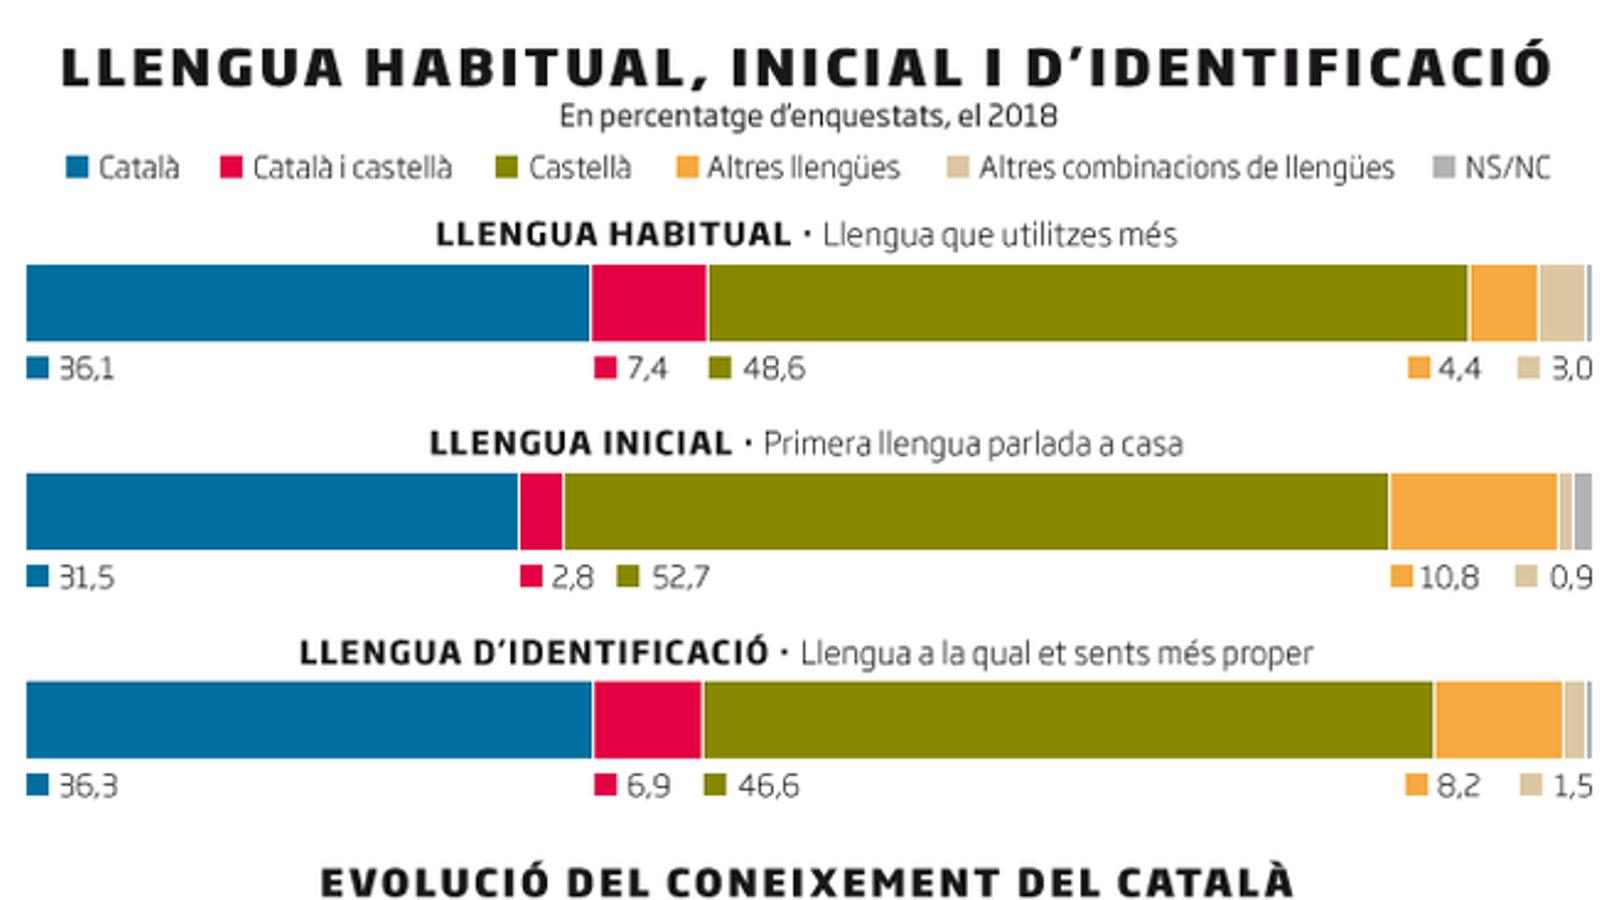 Un 36% dels ciutadans tenen el català com a llengua habitual